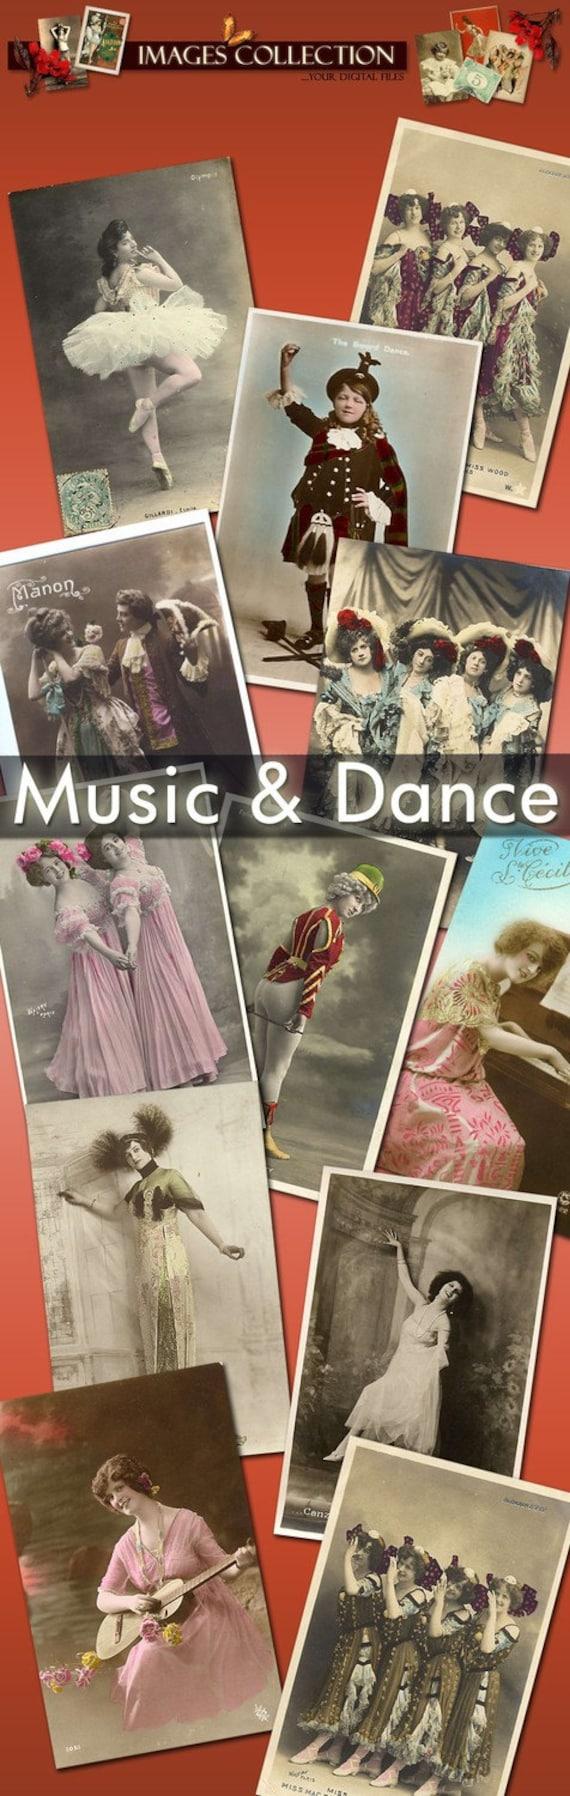 Download digital images Fashion Collection 723 images cards labels lady vintage romantic 1900 ephemera paris france portrait love  C128